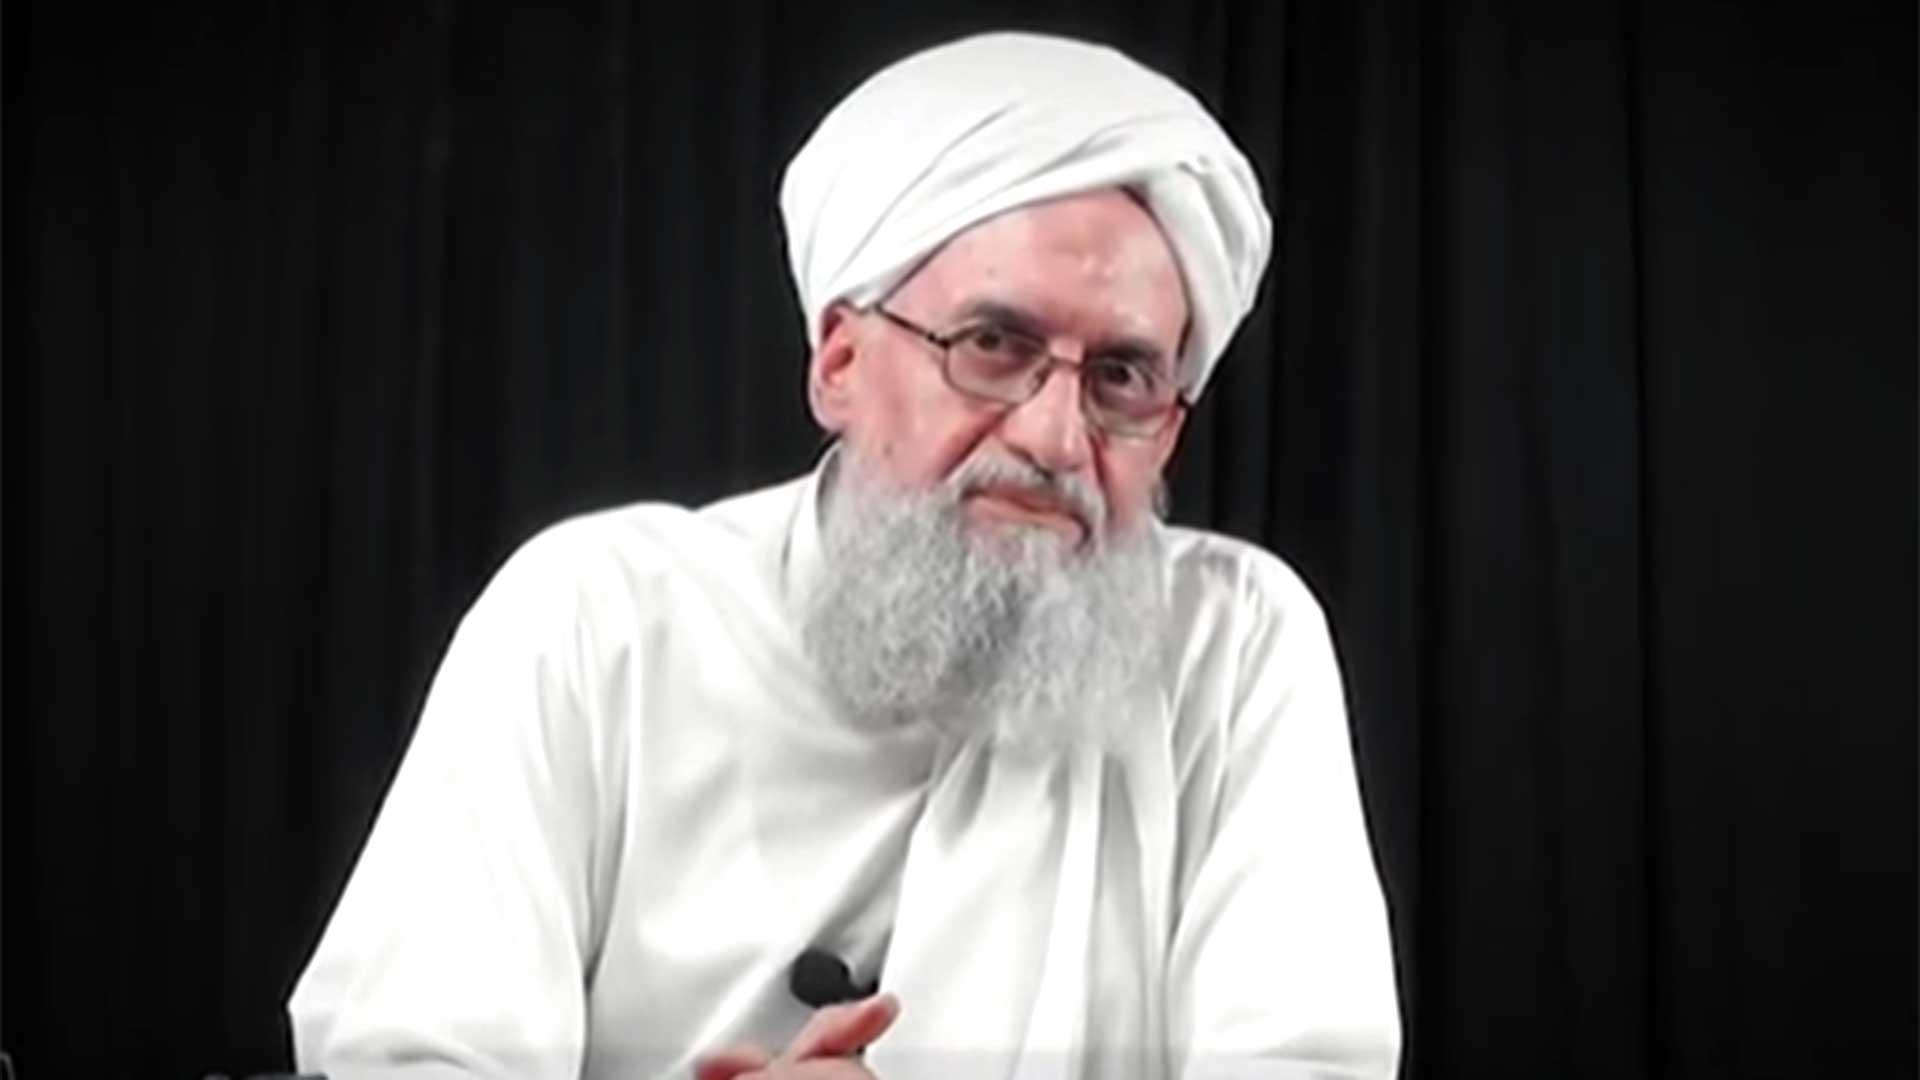 El jefe de Al Qaeda Ayman al-Zawahiri